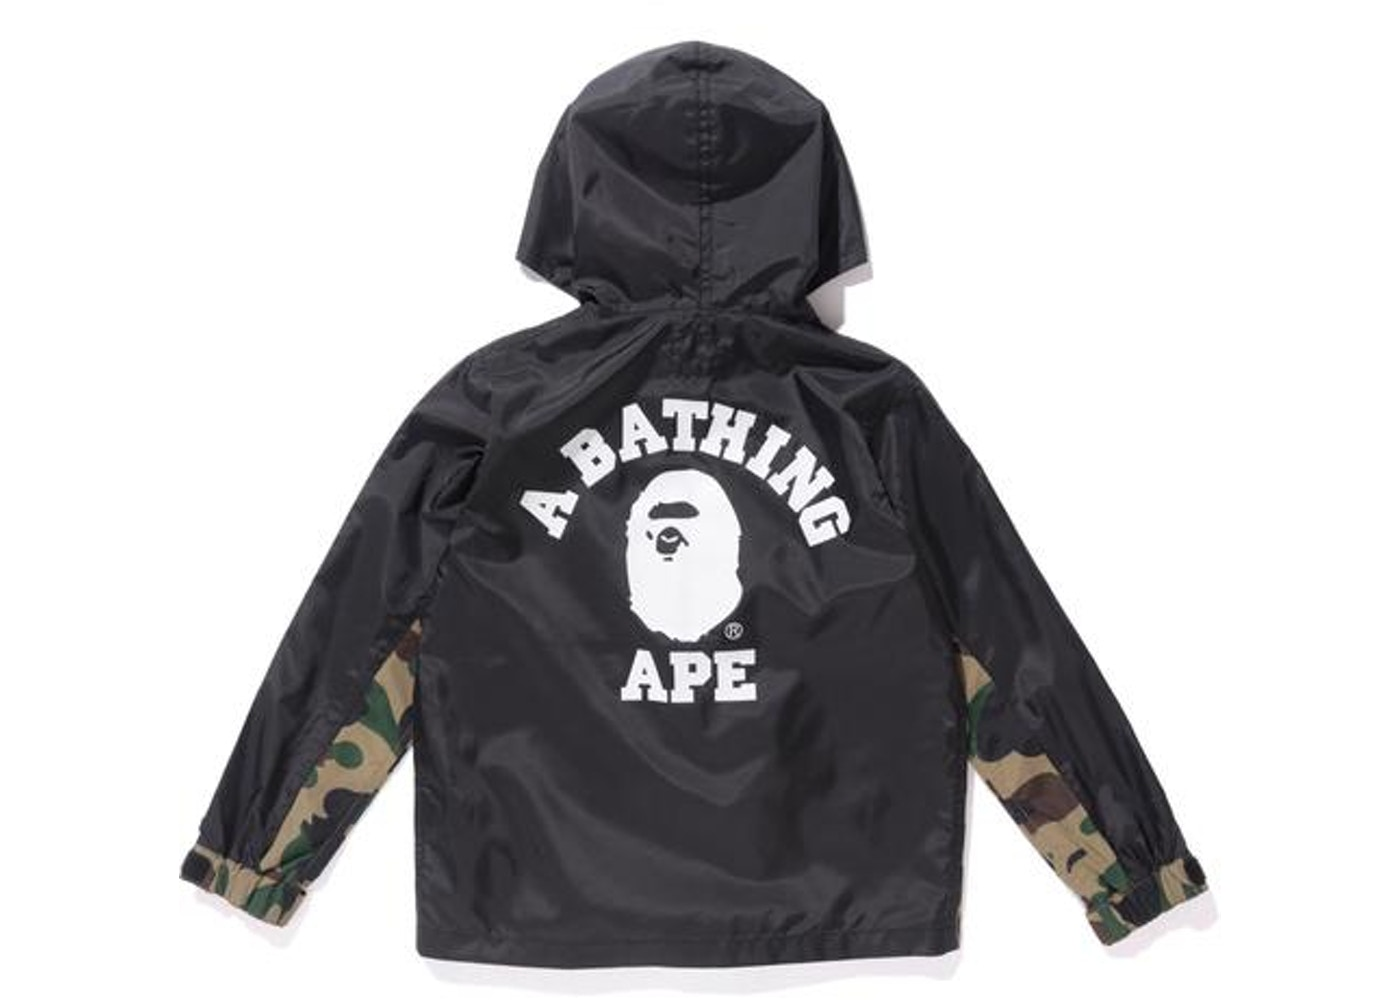 a89b509539a BAPE 1st Camo Hoodie Jacket K (90-140) (90-140) (Kids) Black/Green -